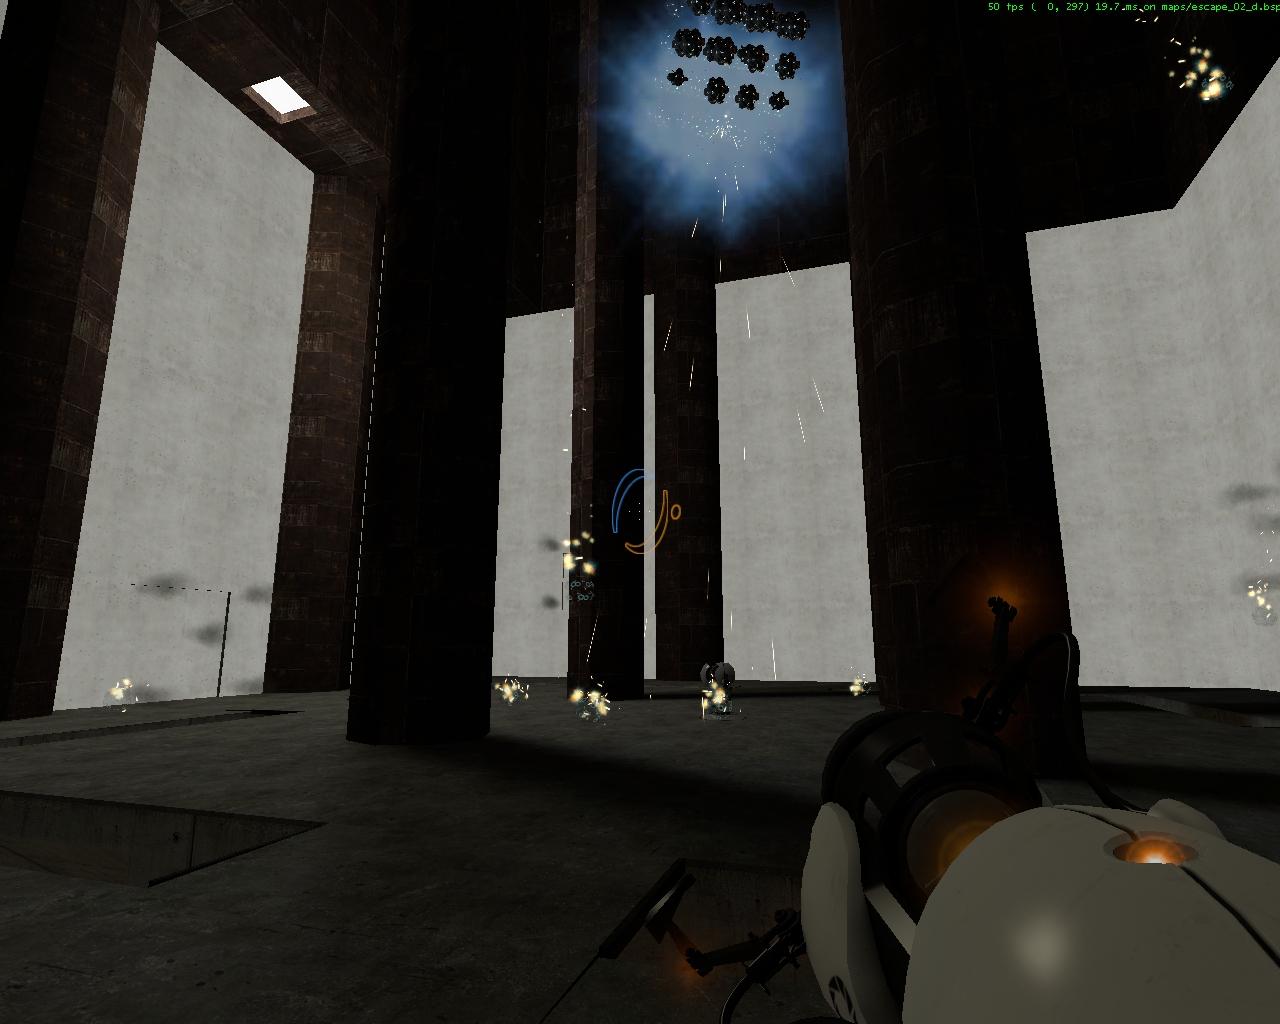 escape_02_d0045.jpg - Portal escape_02_d, Portal 2006, Portal Beta